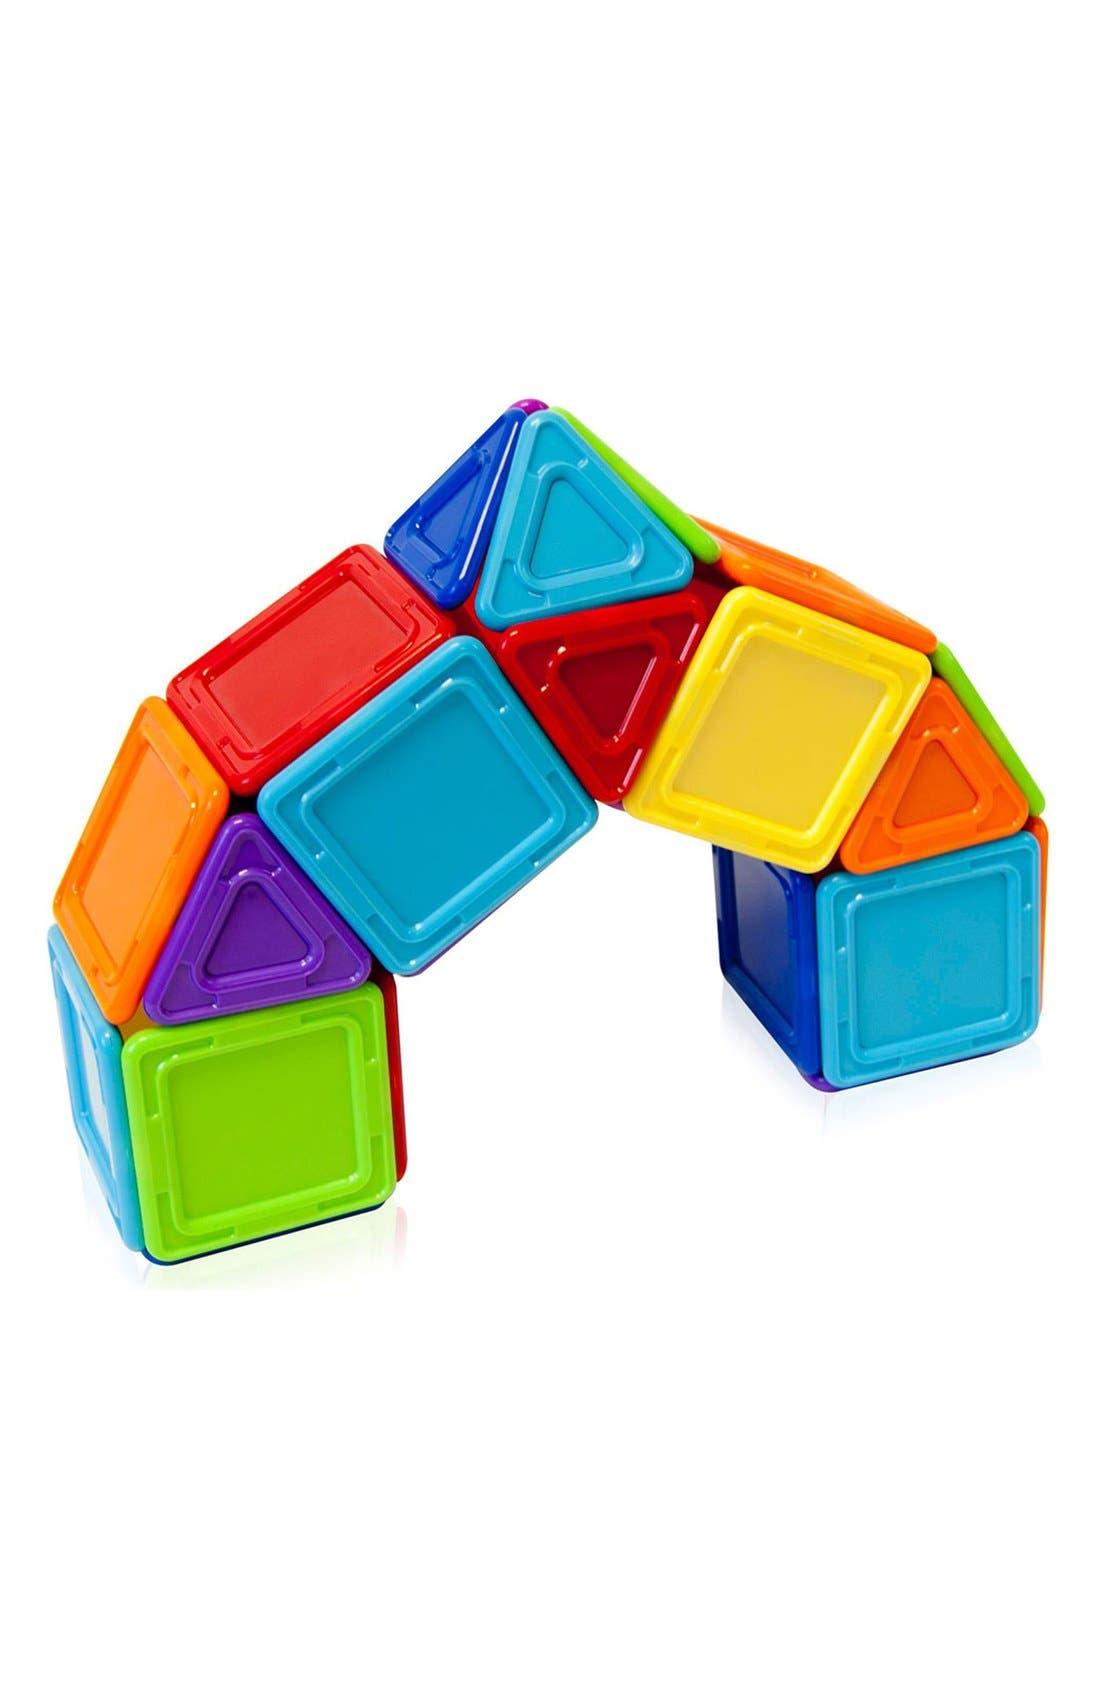 'Standard - Solids' Opaque Magnetic 3D Construction Set,                             Alternate thumbnail 5, color,                             460